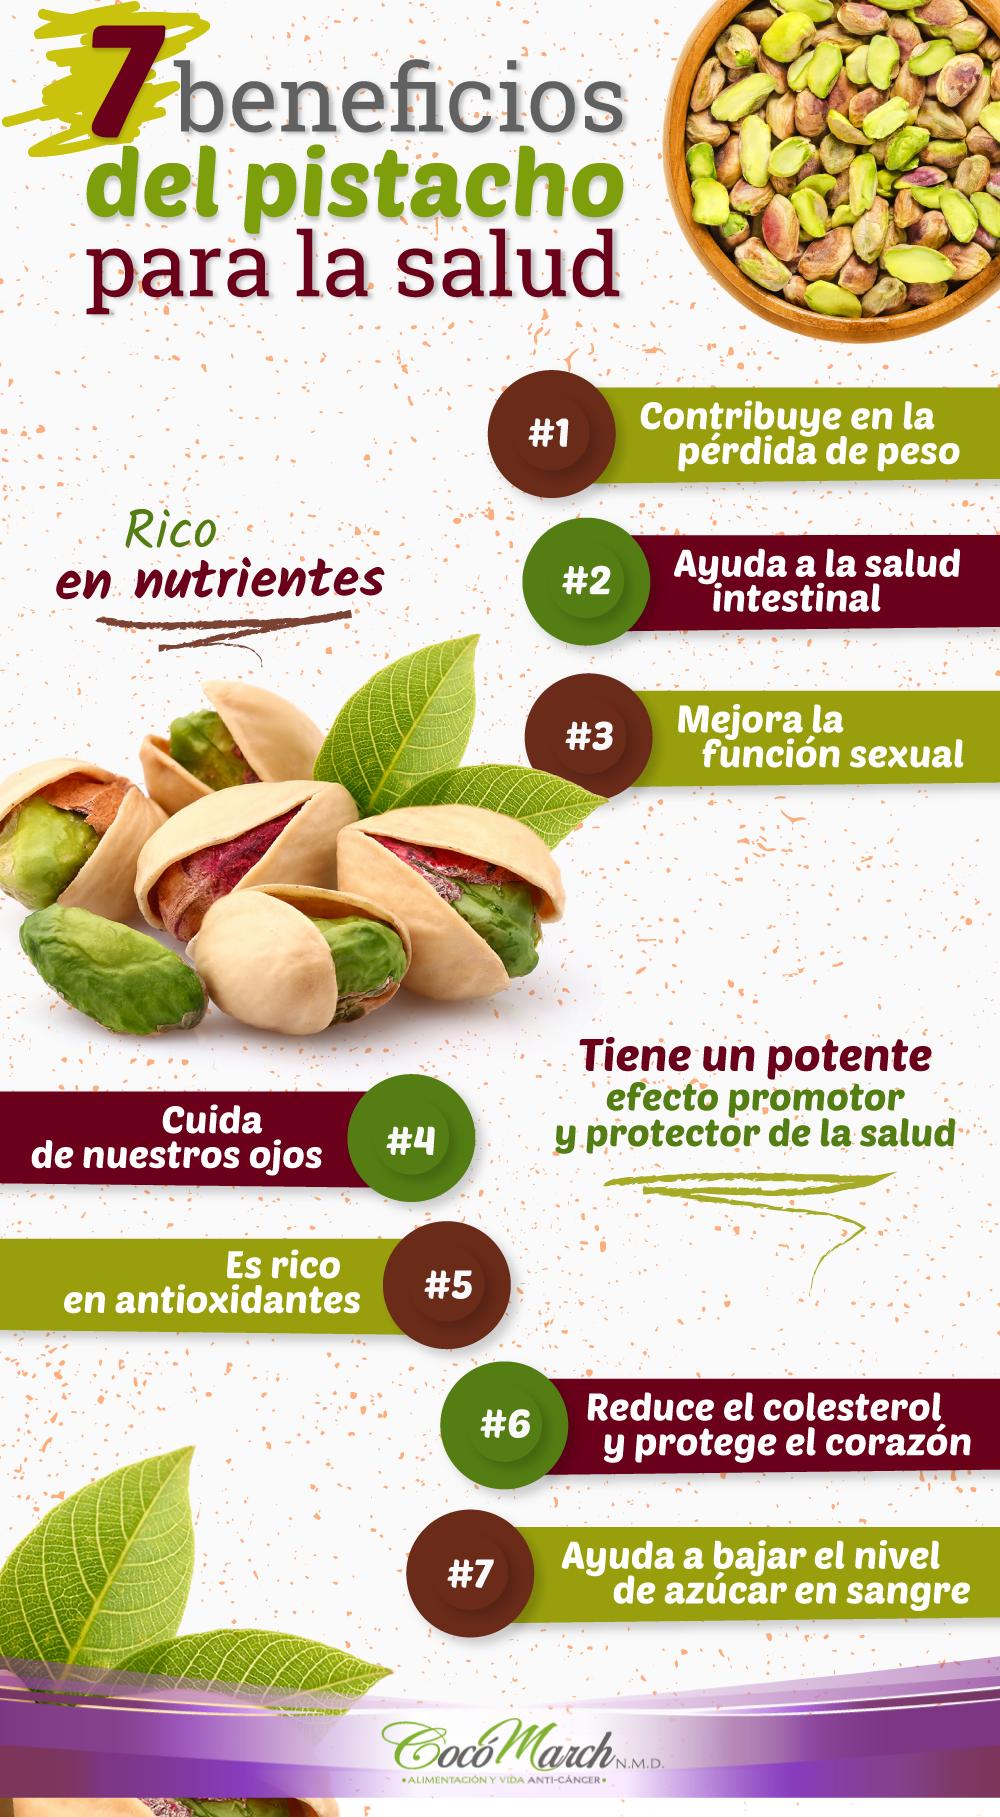 Beneficios de los pistachos para adelgazar